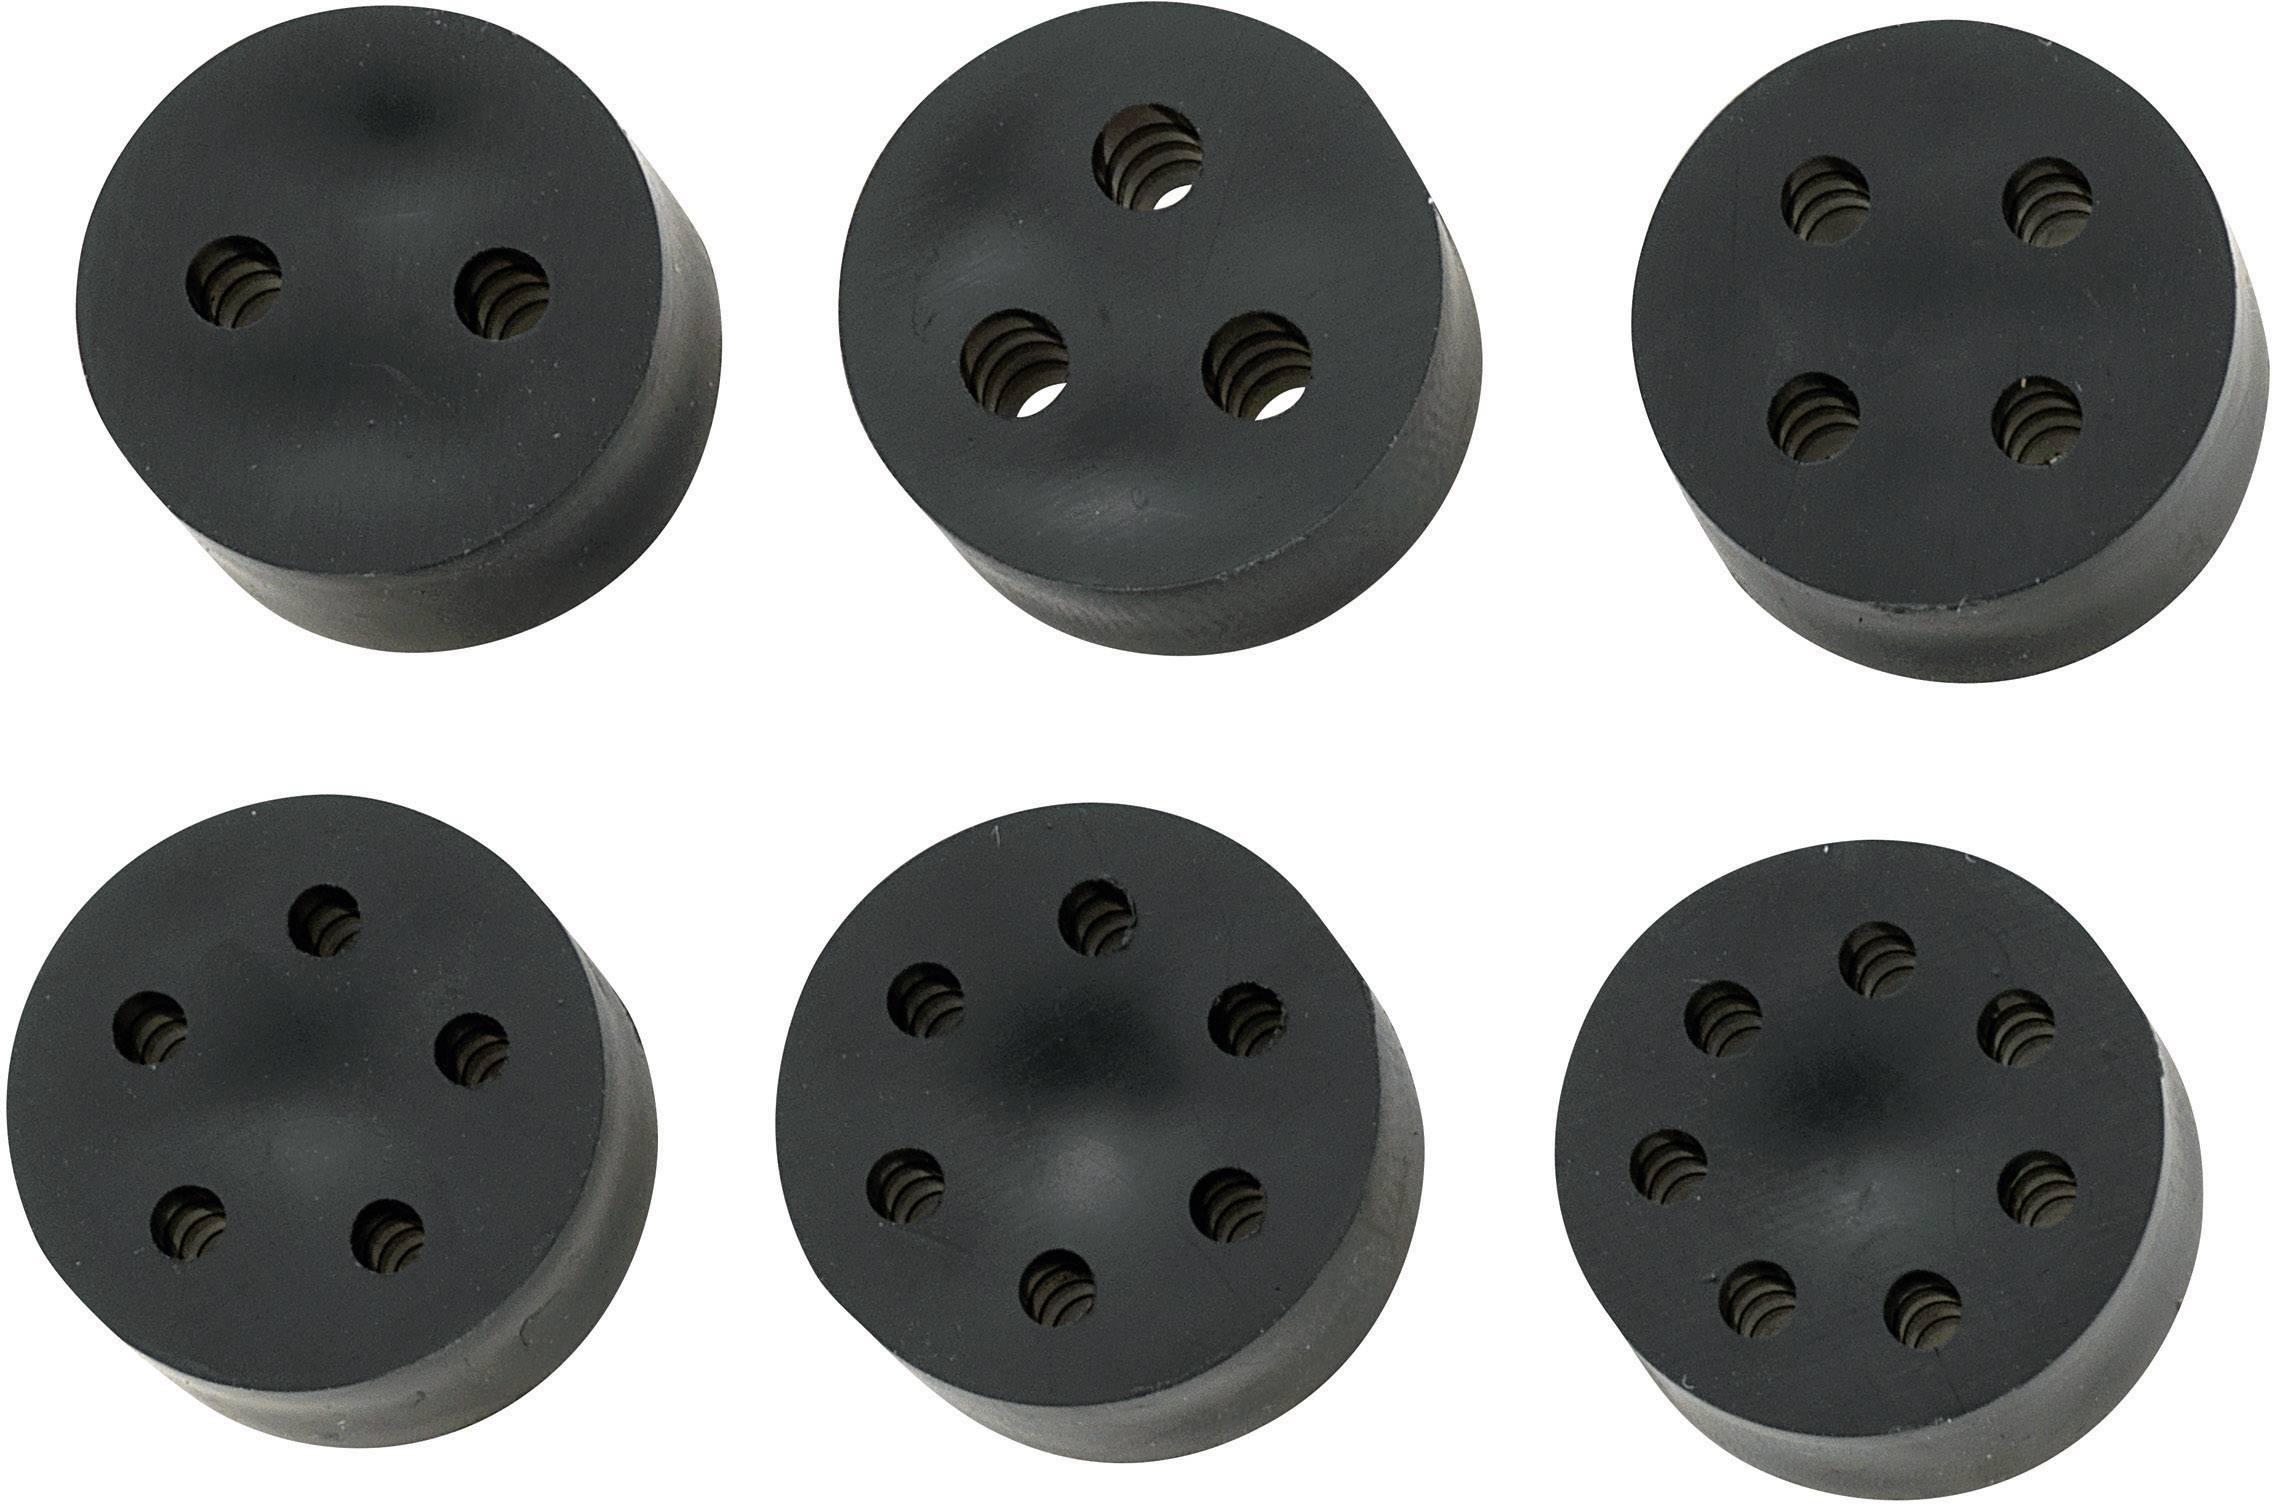 Tesniaca vložka s viacerými priechodmi KSS MH23-3A, PG21, guma, 1 ks